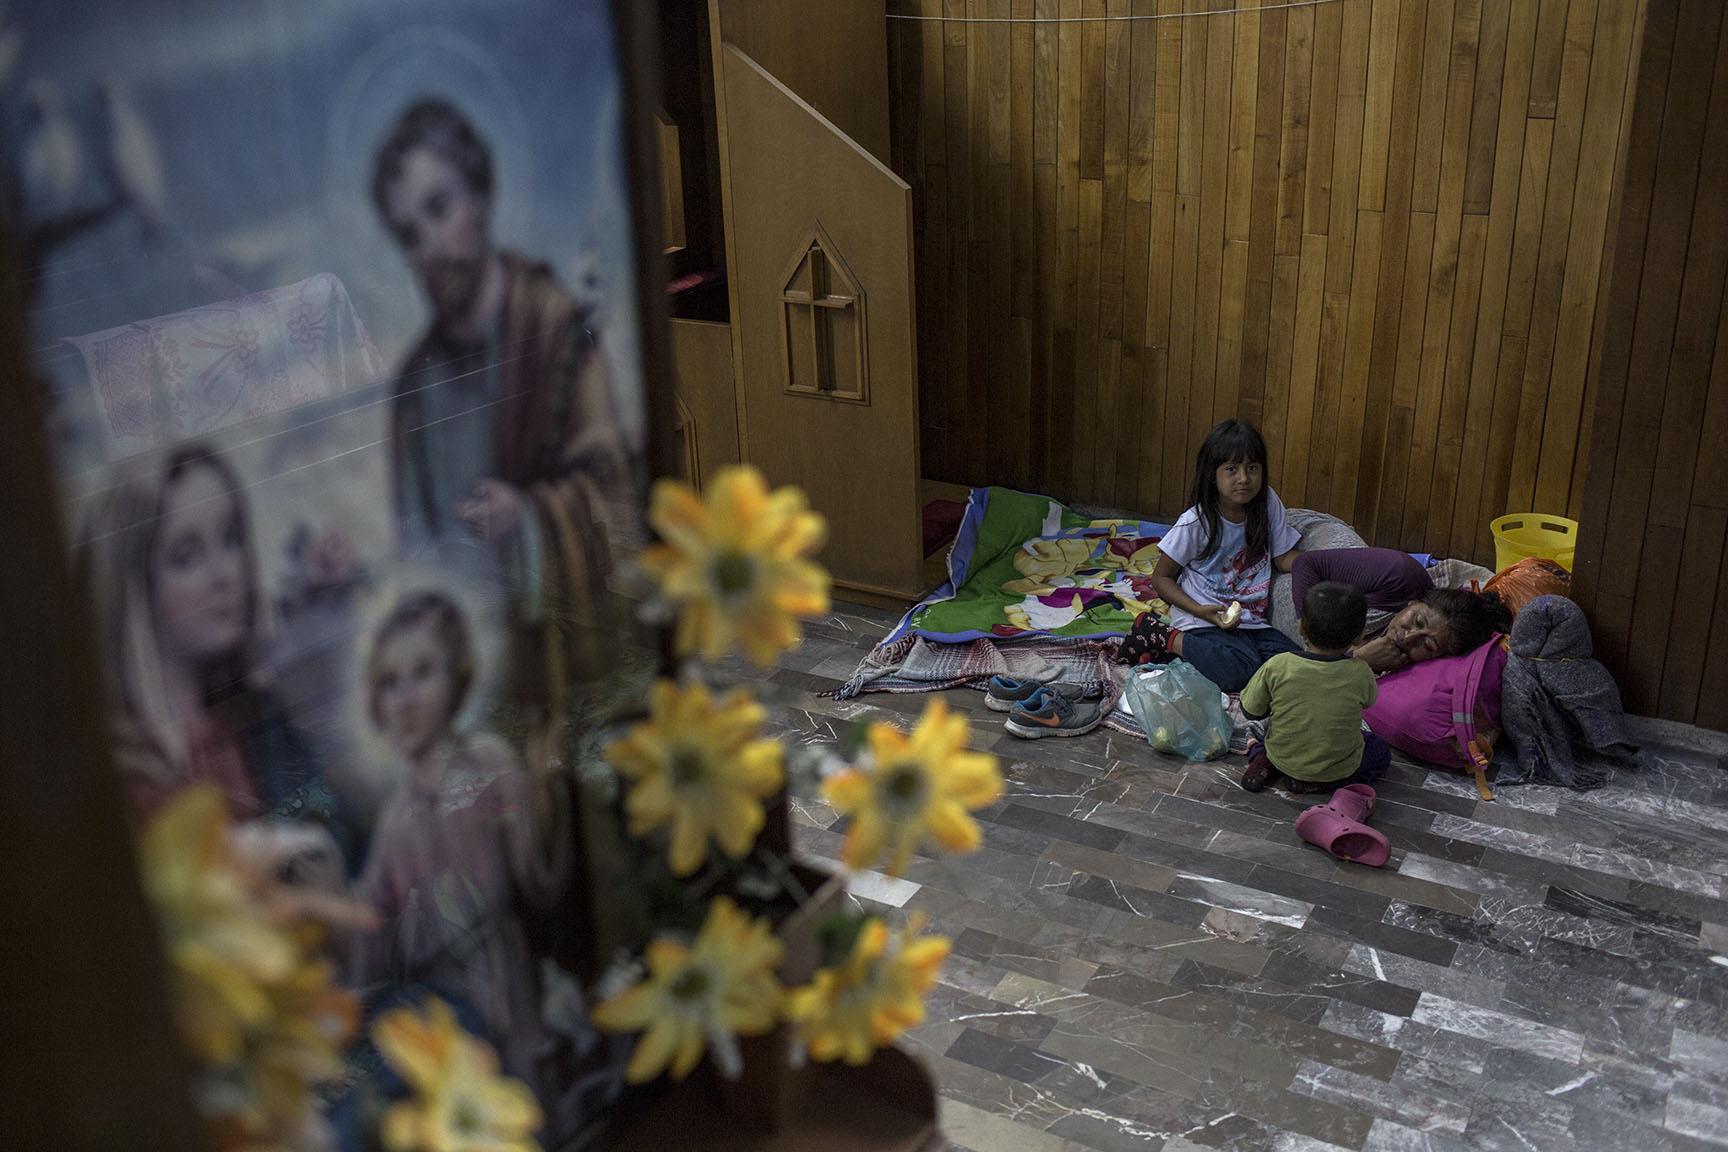 María Luisa Vázquez, 36, originaria de Monjas, Jalapa, Guatemala, pasará la noche al lado del confesionario de la iglesia, junto con sus dos hijos César y Brittany / Simone Dalmasso